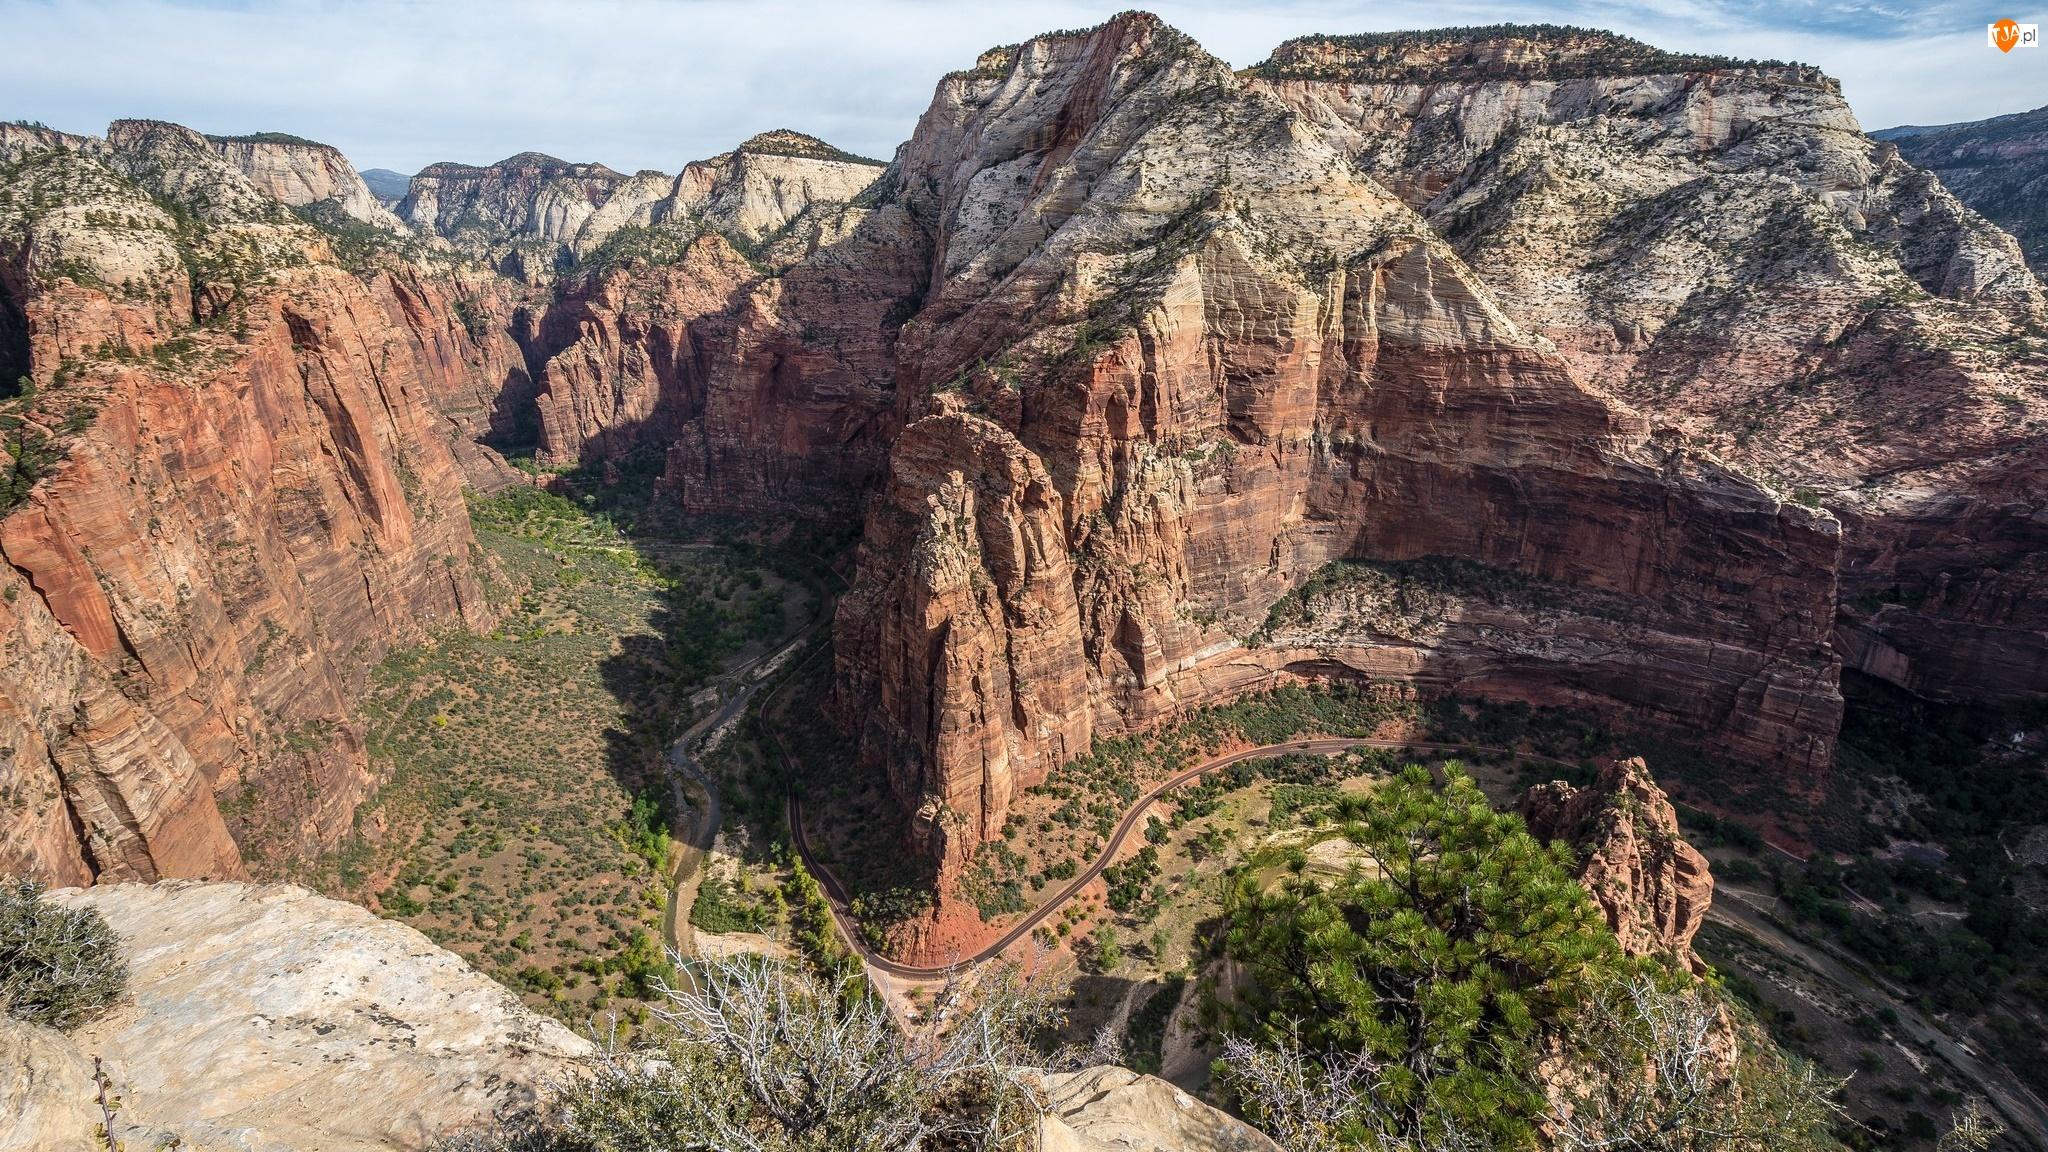 Skały, Kanion, Park Narodowy Zion, Stan Utah, Formacja skalna Angels Landing, Góry, Stany Zjednoczone, Podest Aniołów